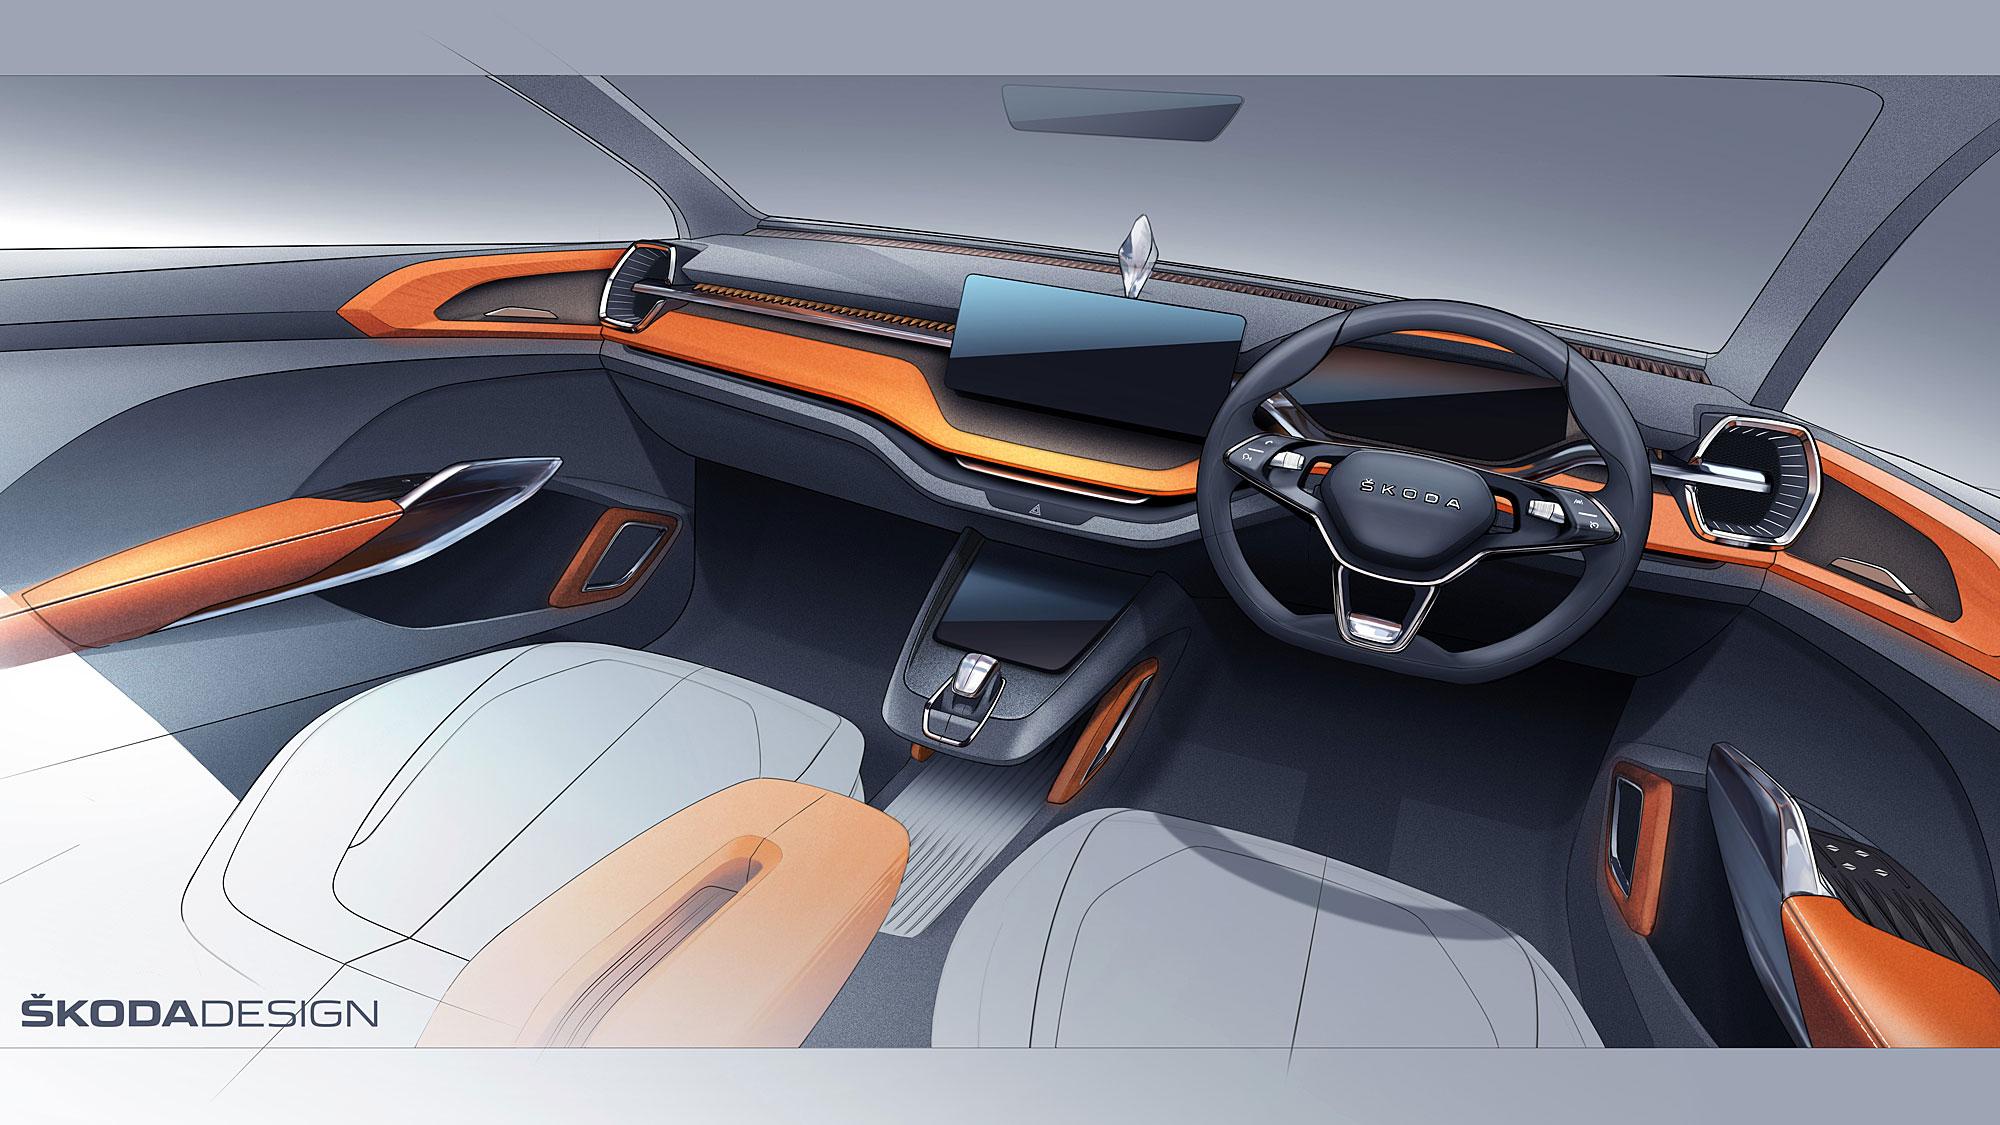 Vision IN 為針對印度市場設計的小型休旅概念車。